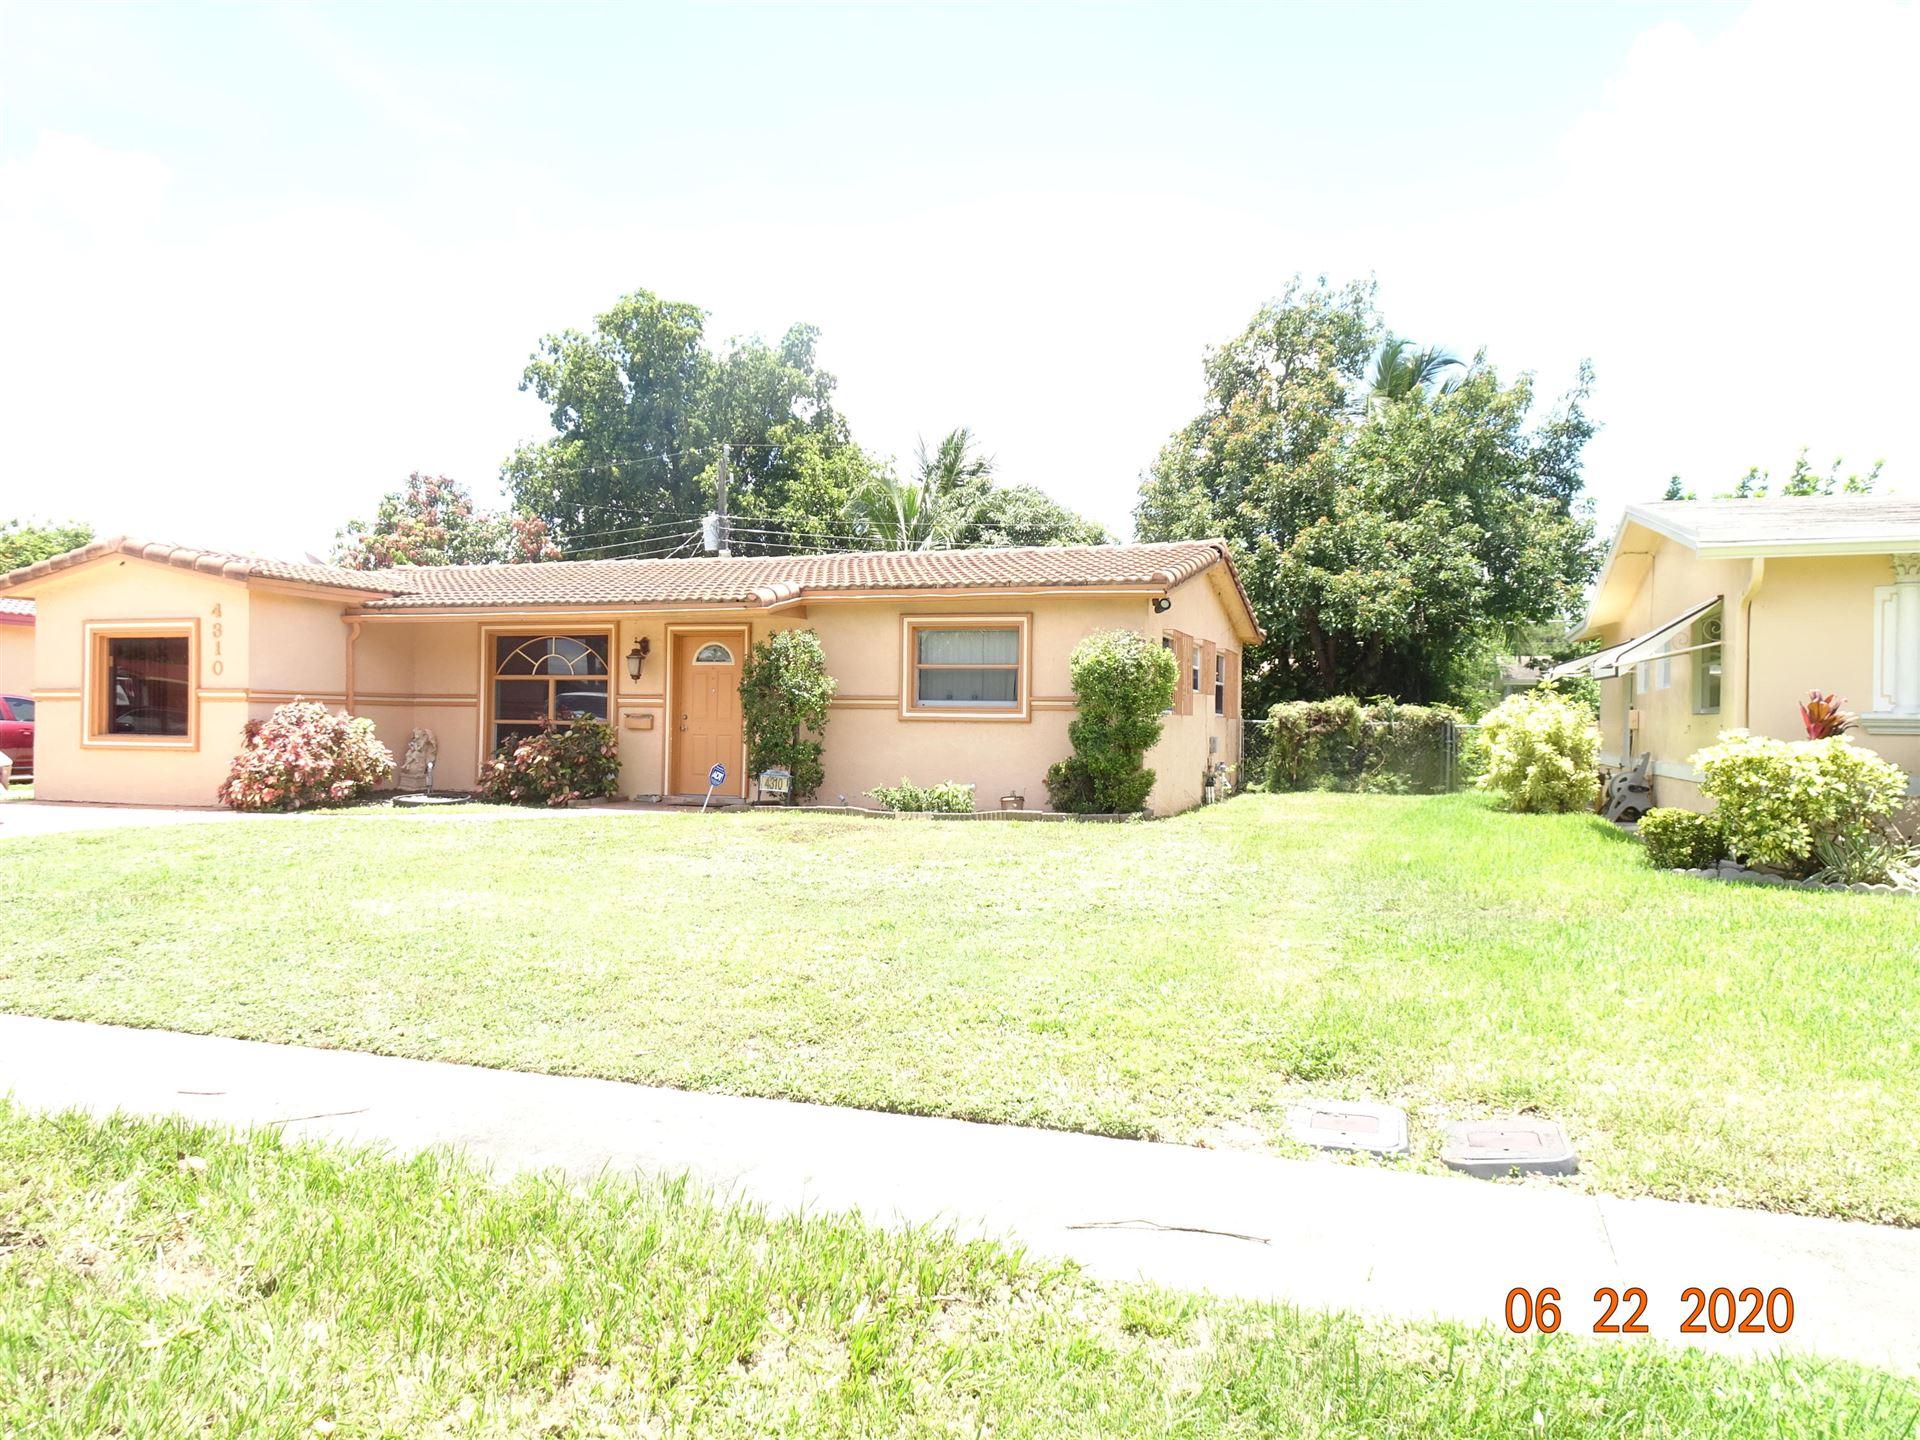 4310 NW 22 Street, Lauderhill, FL 33313 - MLS#: RX-10748351